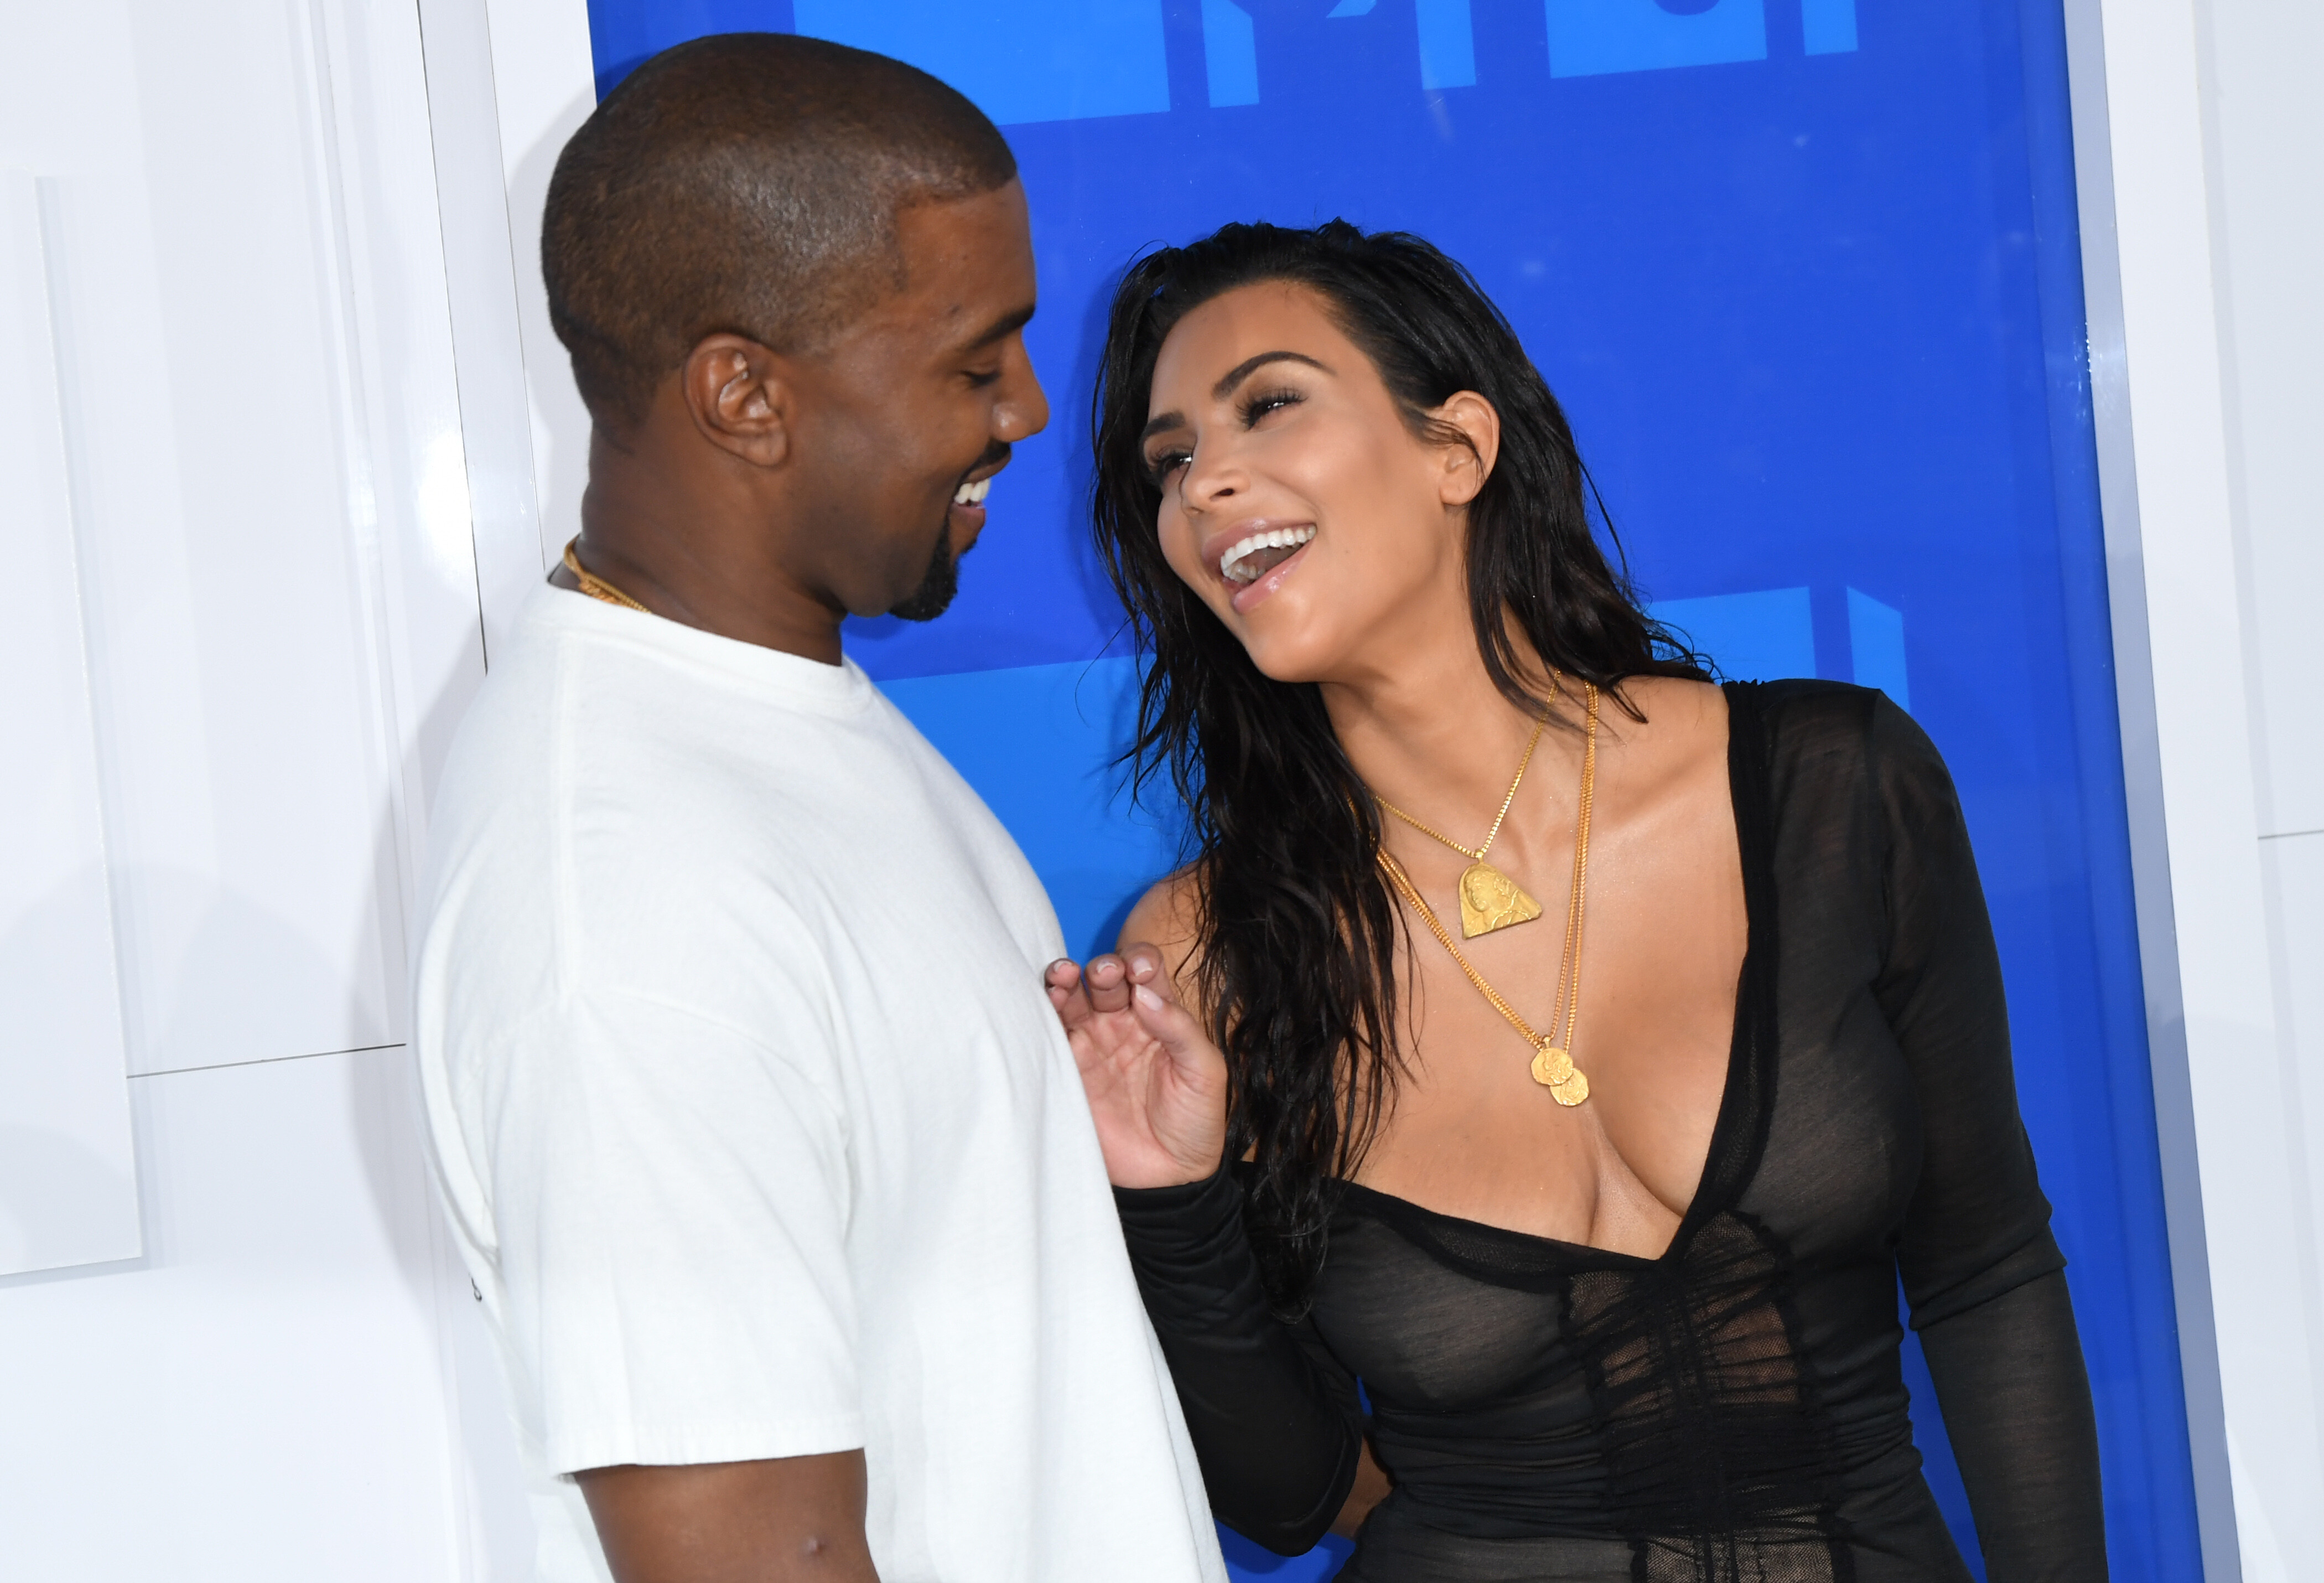 Kanye West's latest listening party stirs hope of Kim Kardashian reconciliation